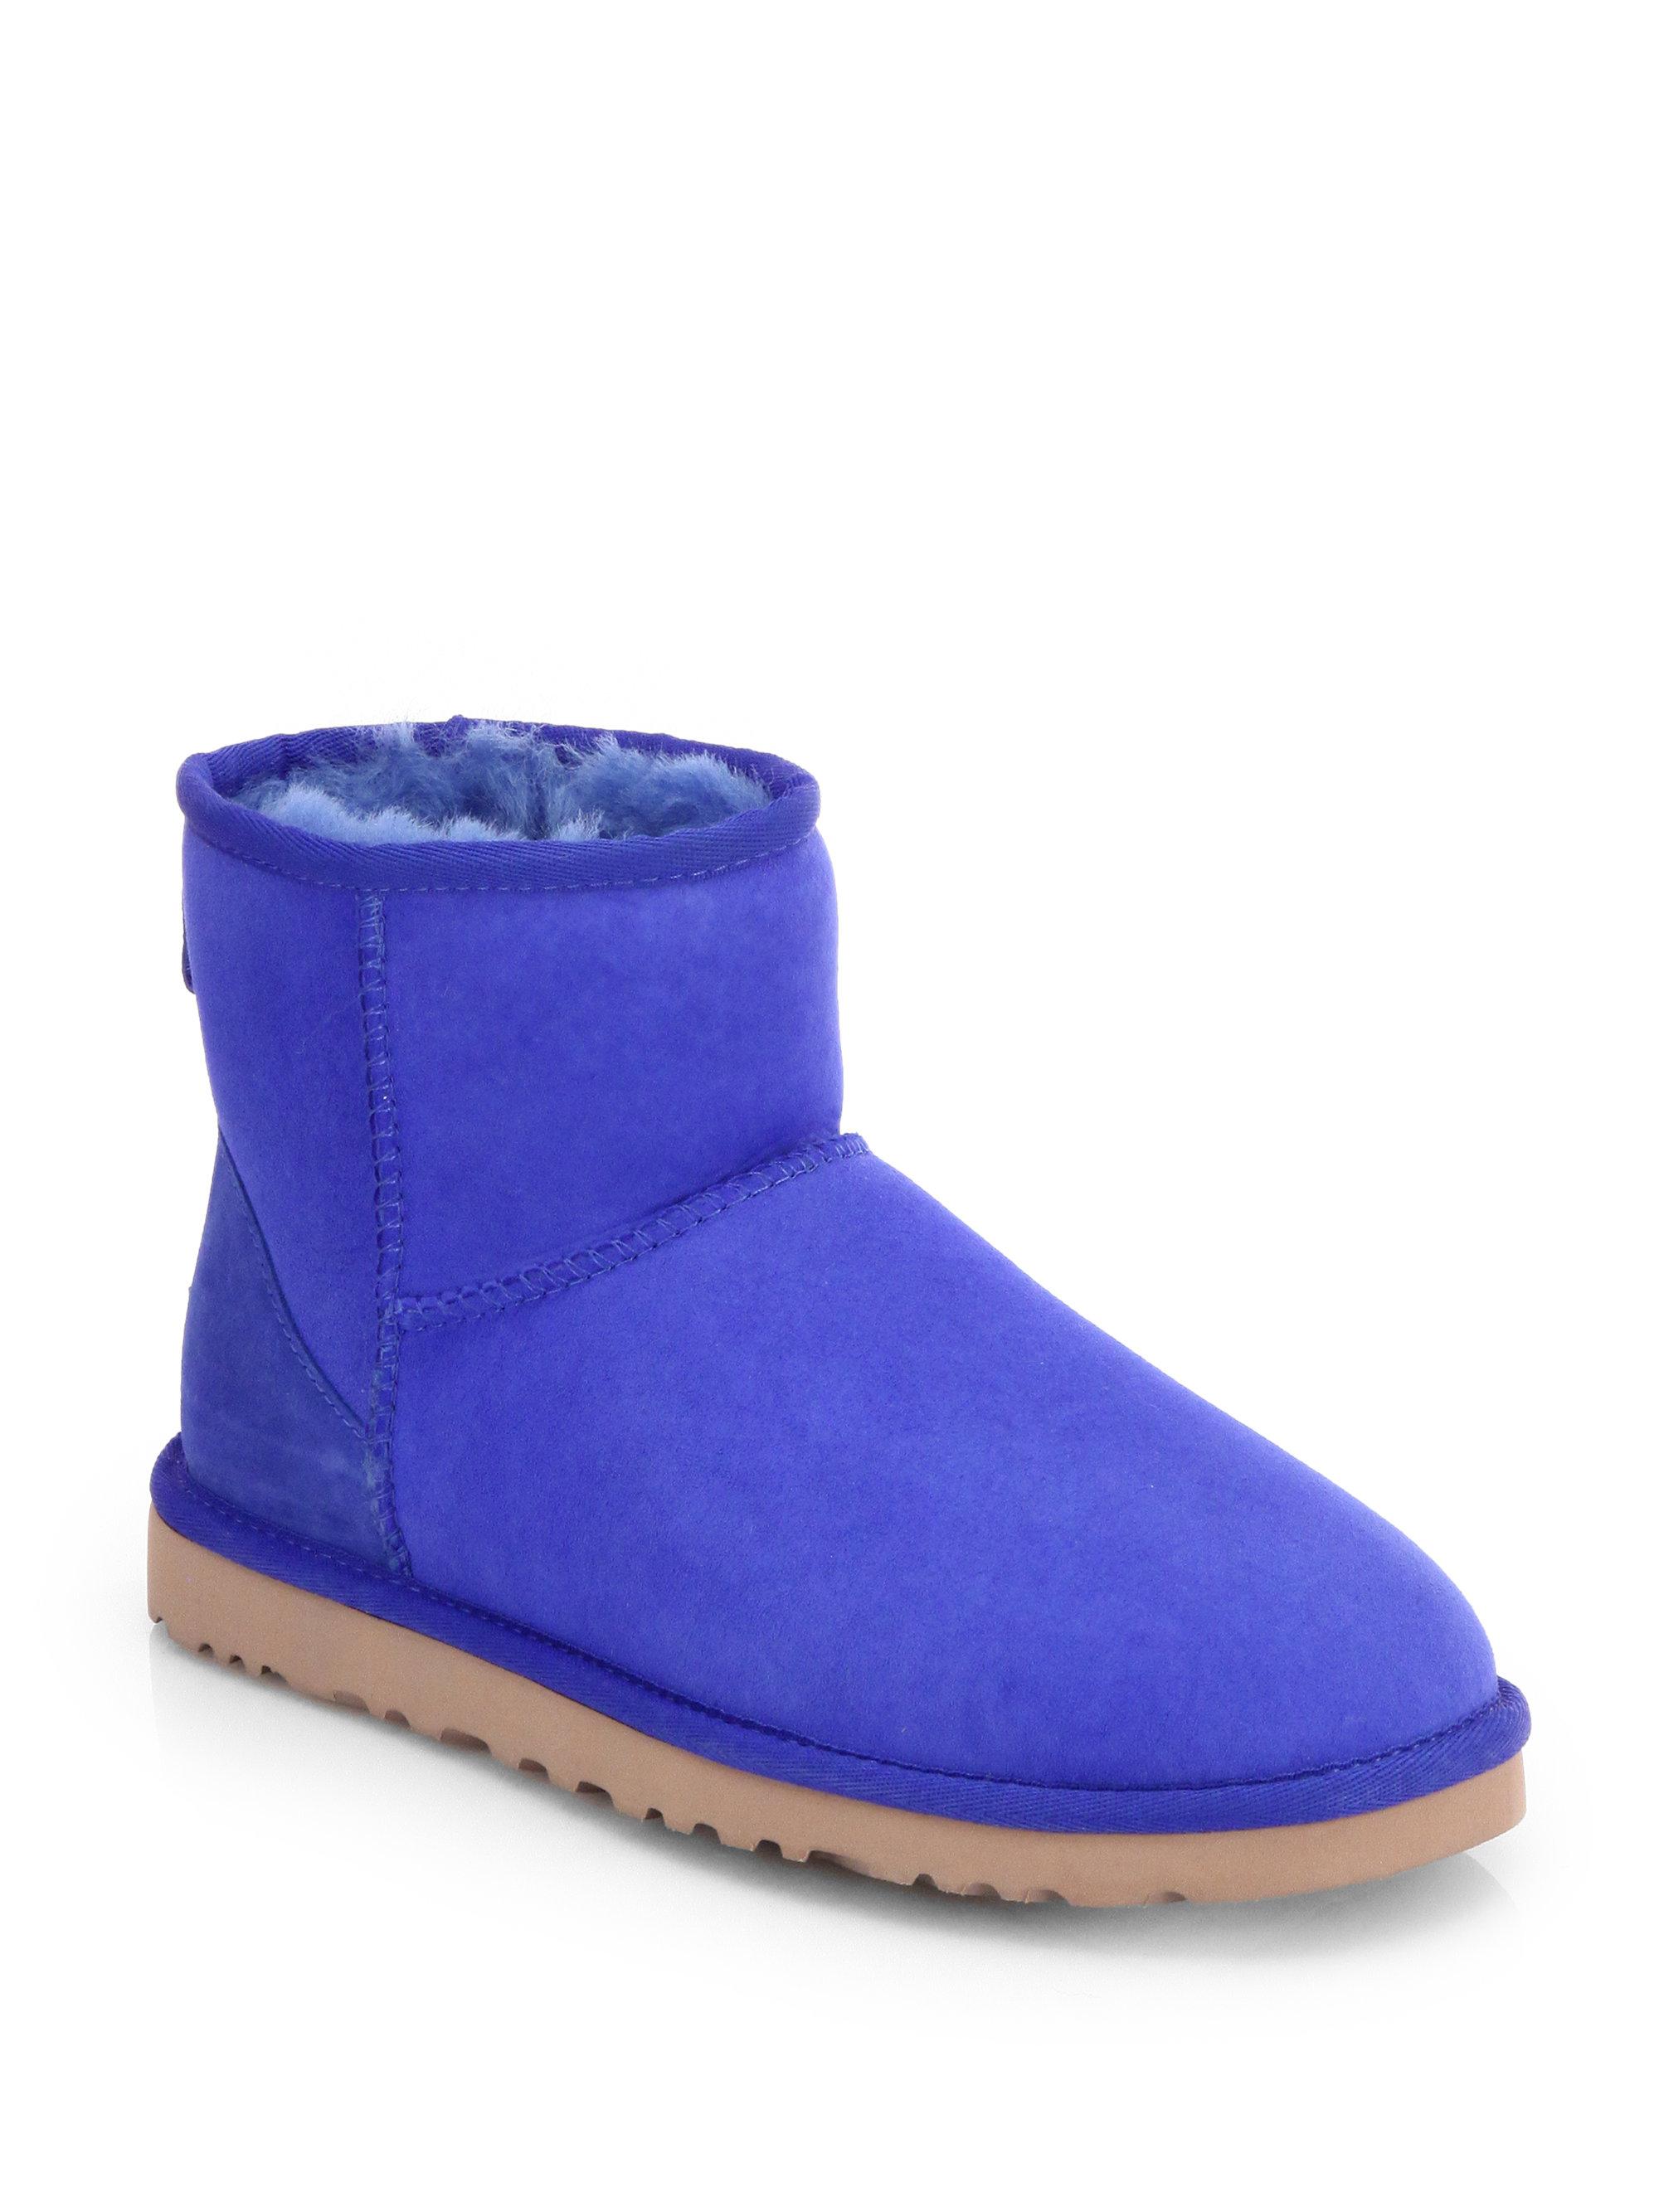 Ugg Blue